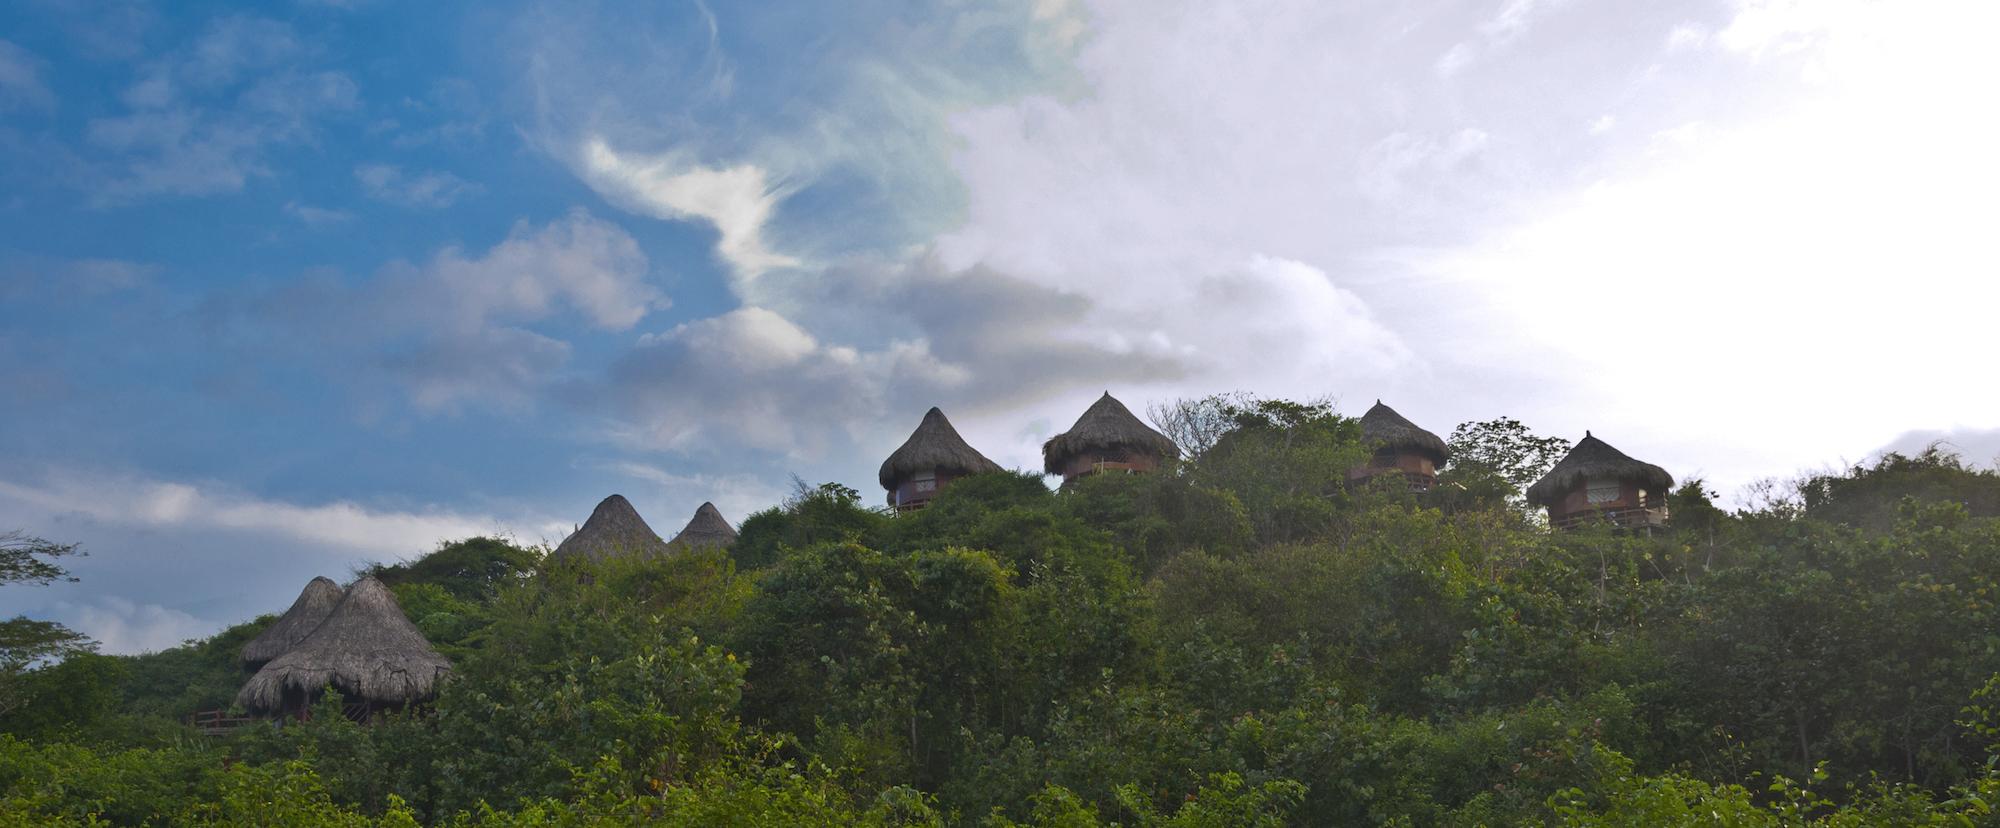 Ecohabs Tayrona National Park Santa Marta Colombia